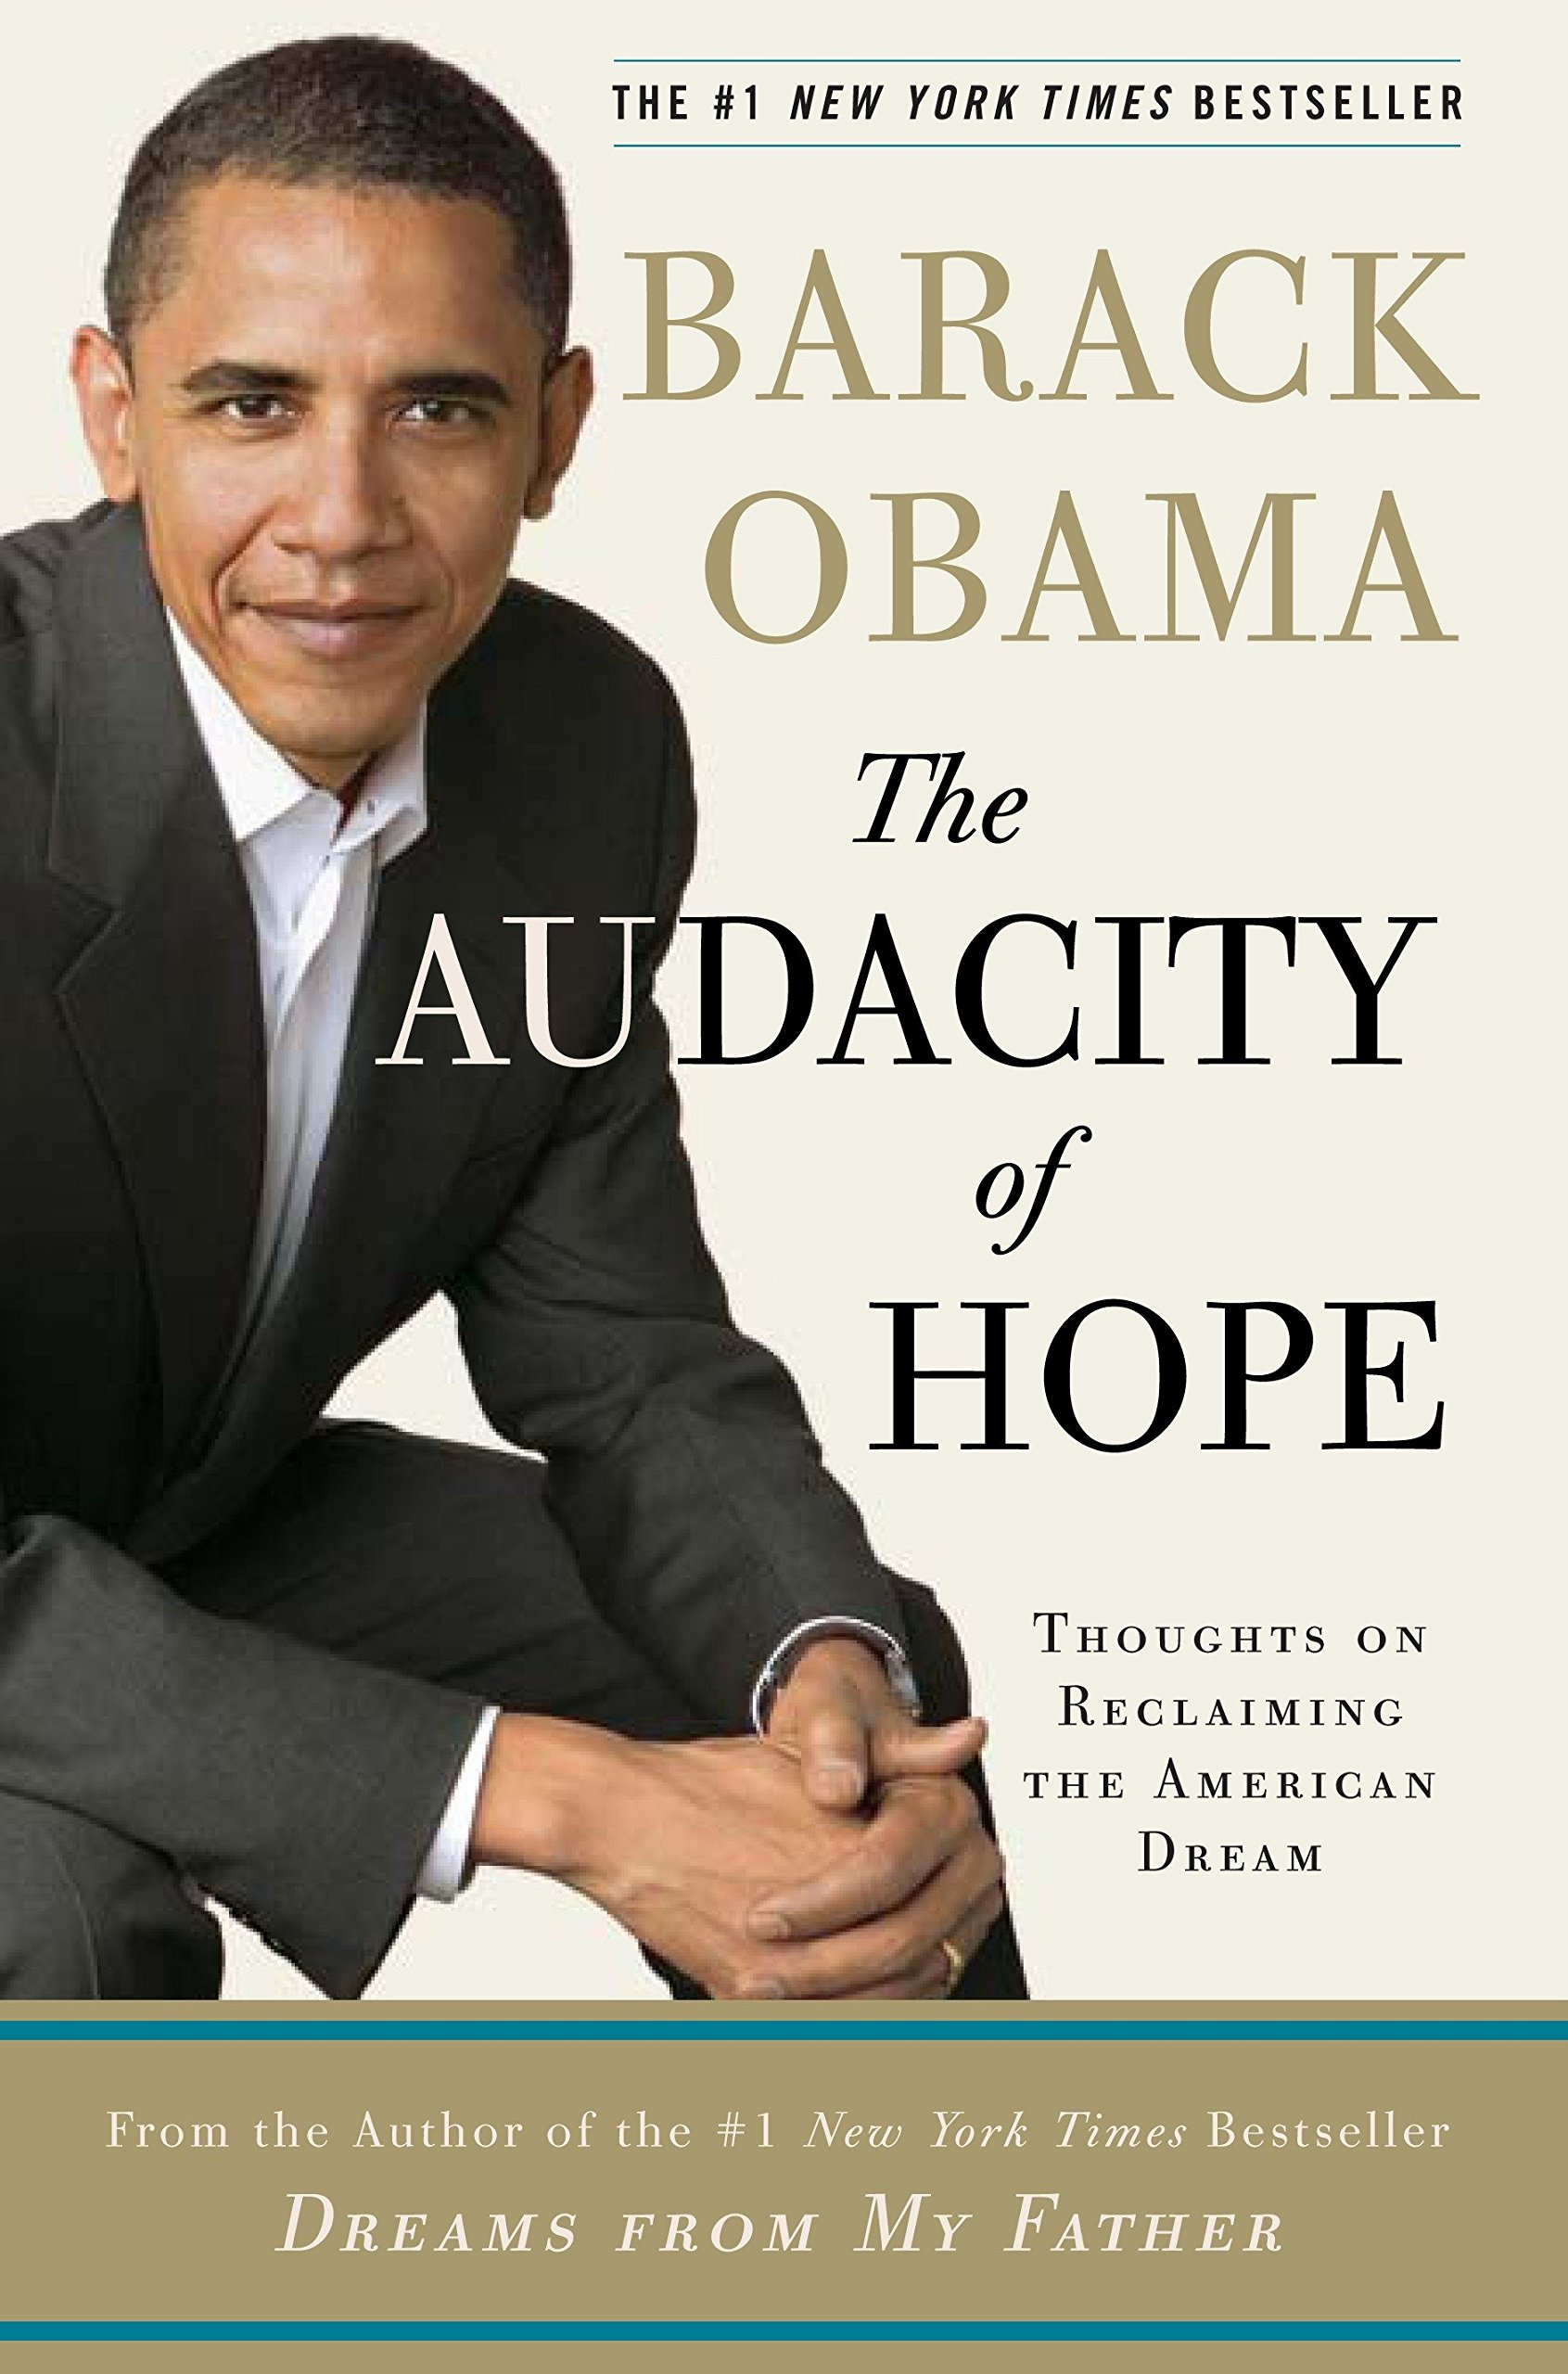 barack obama the audacity of hope audiobook free